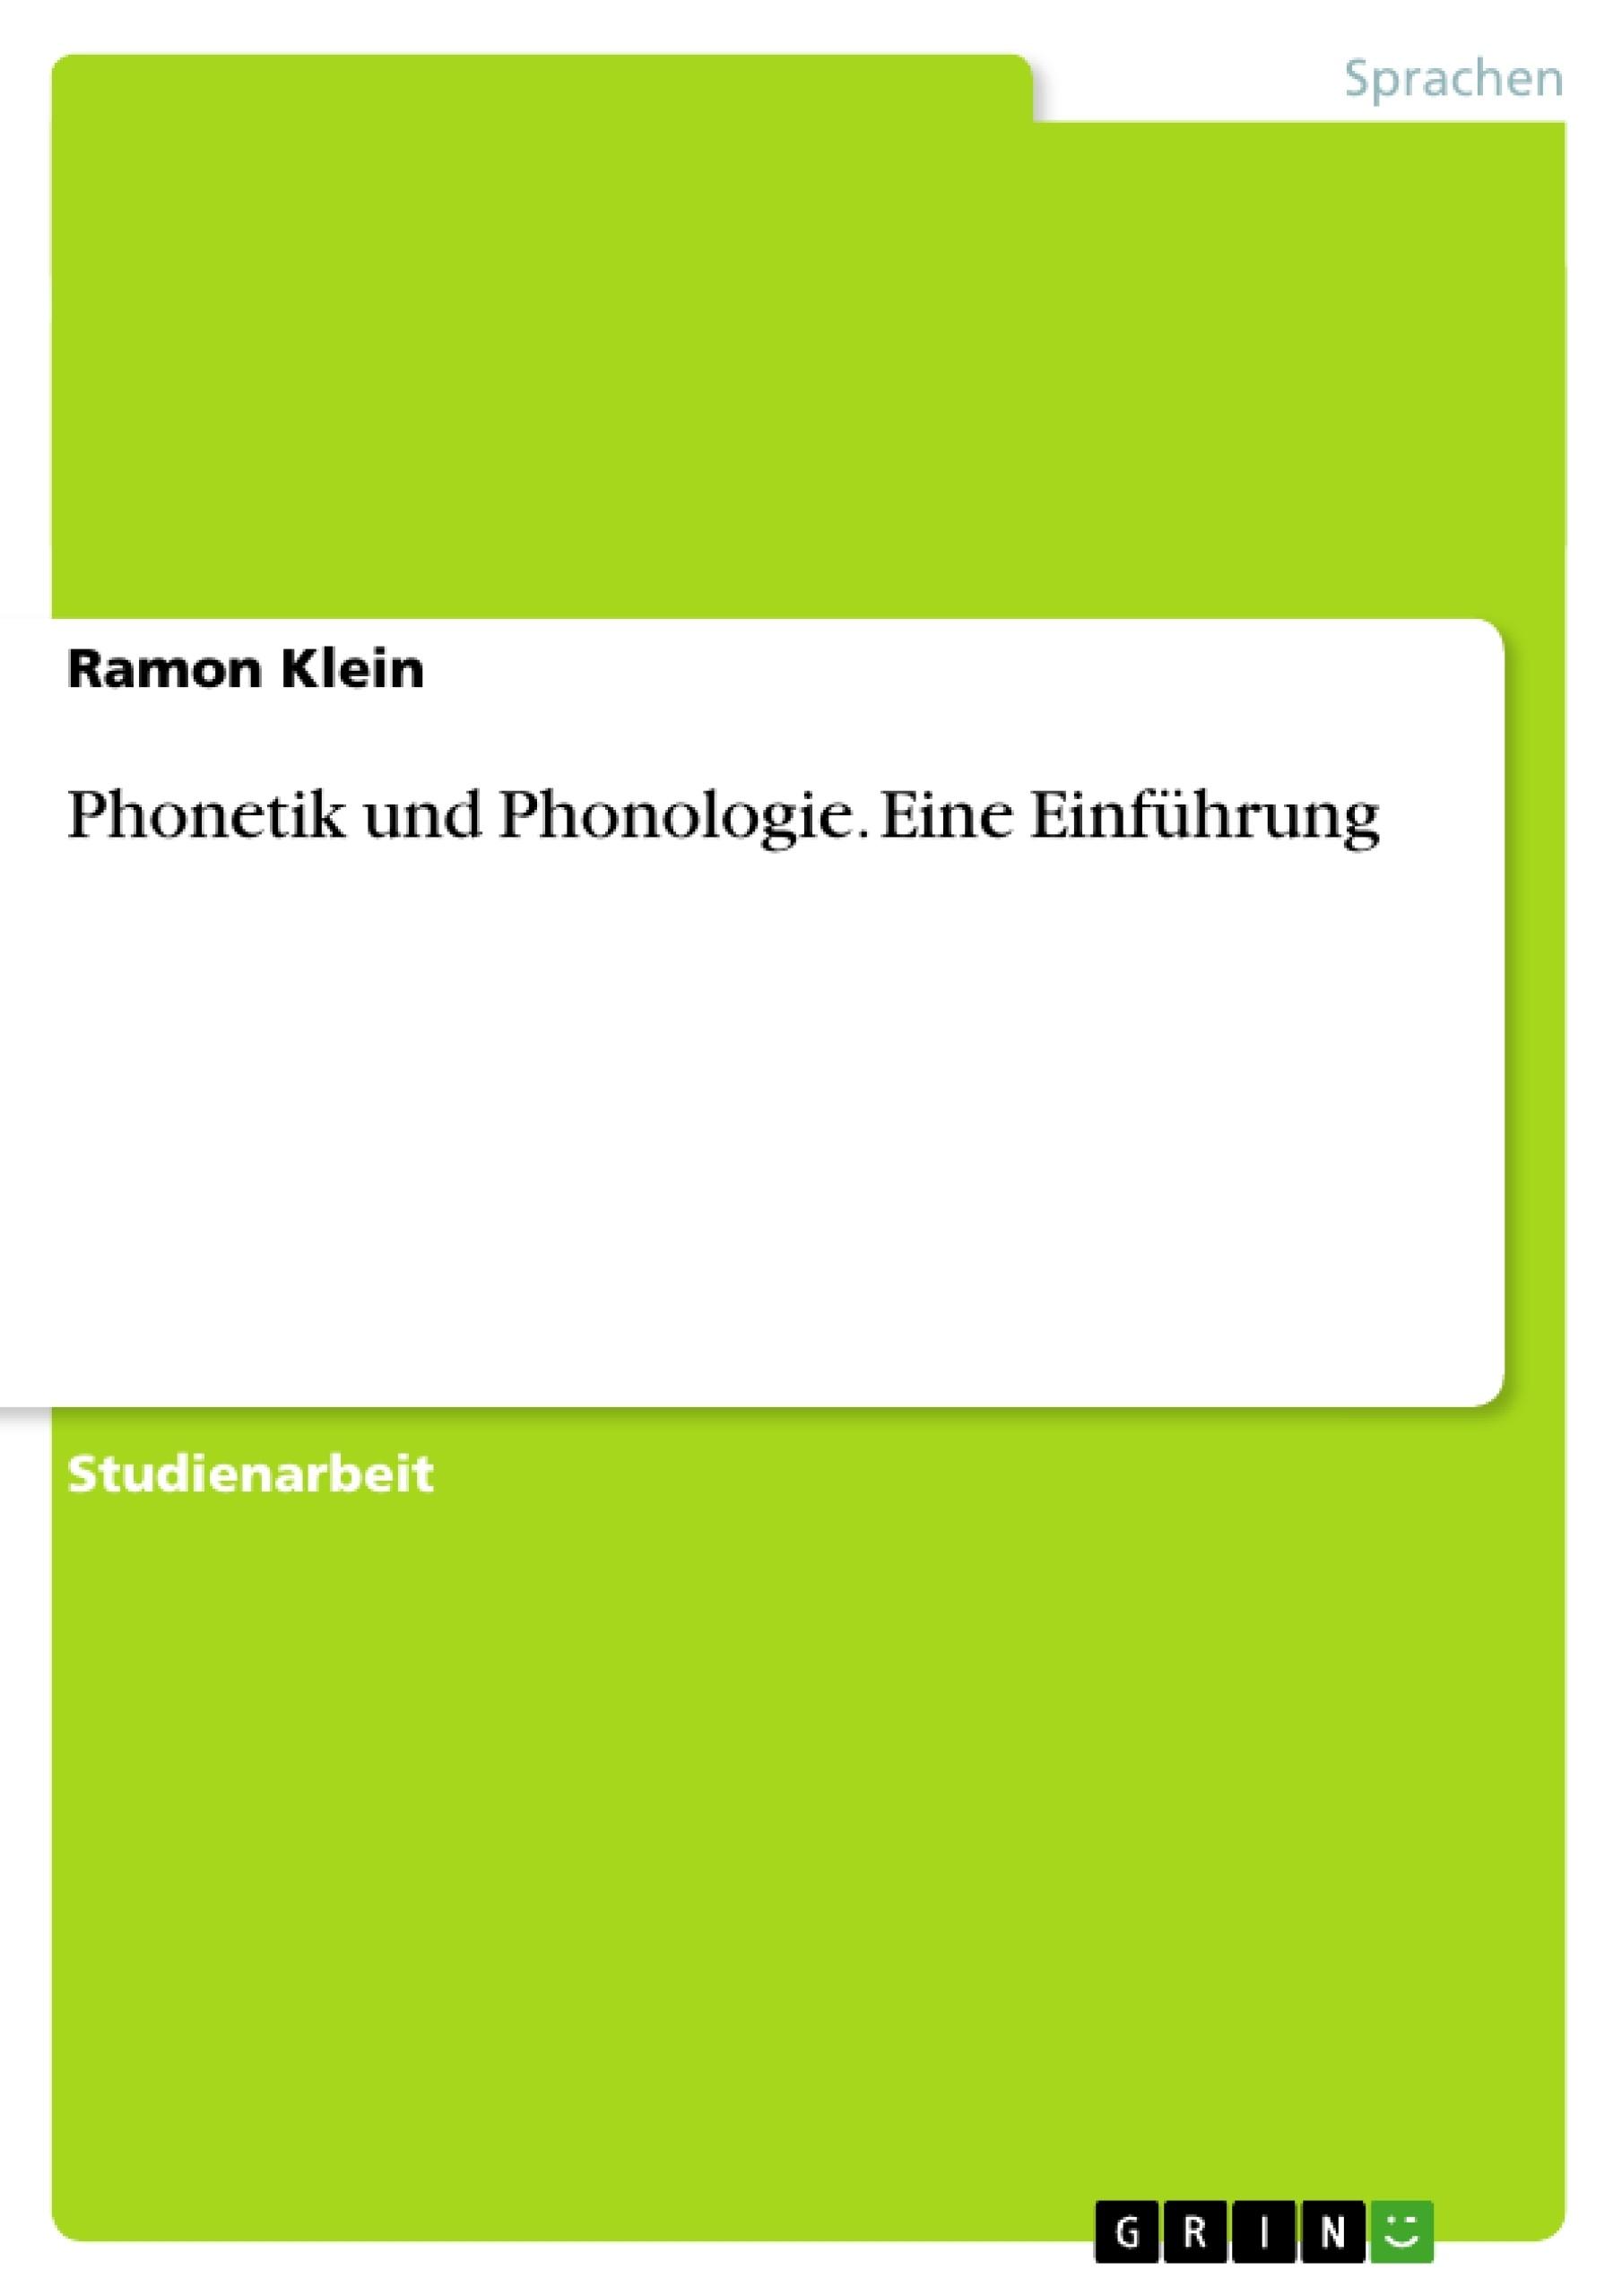 Titel: Phonetik und Phonologie. Eine Einführung